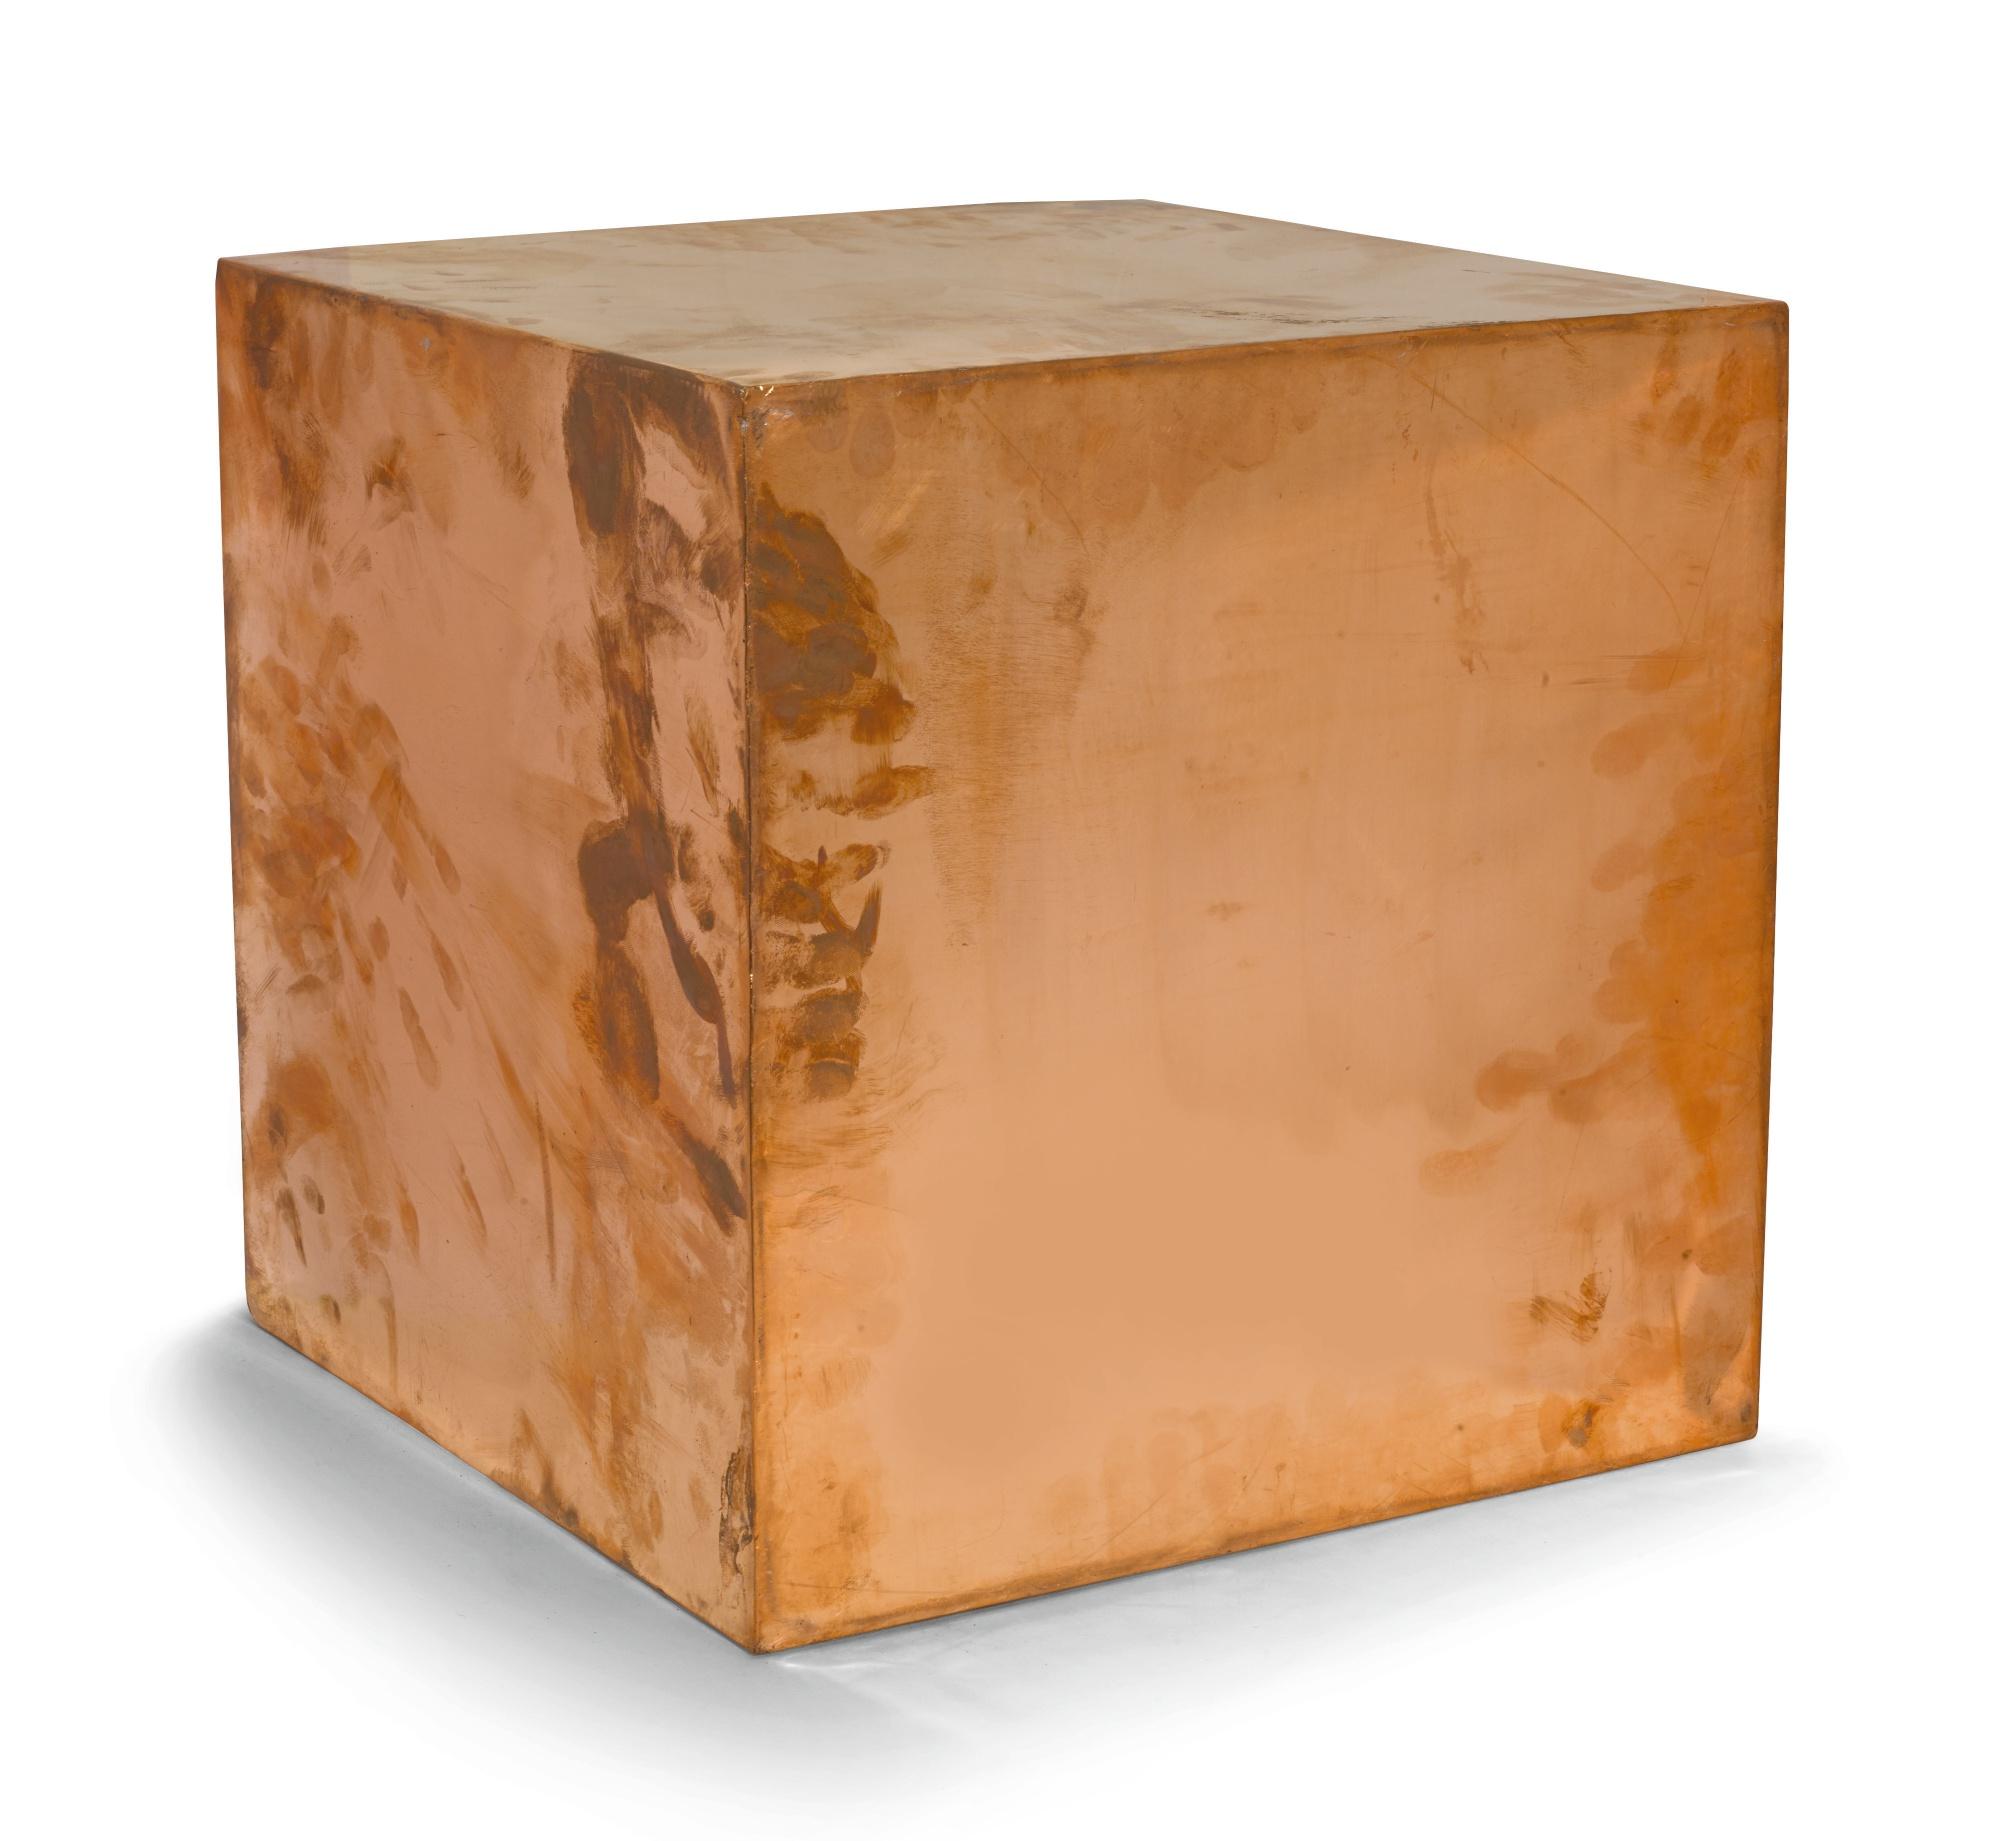 Walead Beshty-16-Inch Copper (Fedex® Kraft Box ©2005 Fedex 330504 10/05 Sscc) International Priority Los Angeles-London Trk#8763450592080402 May 5 - May 22 2012-2011